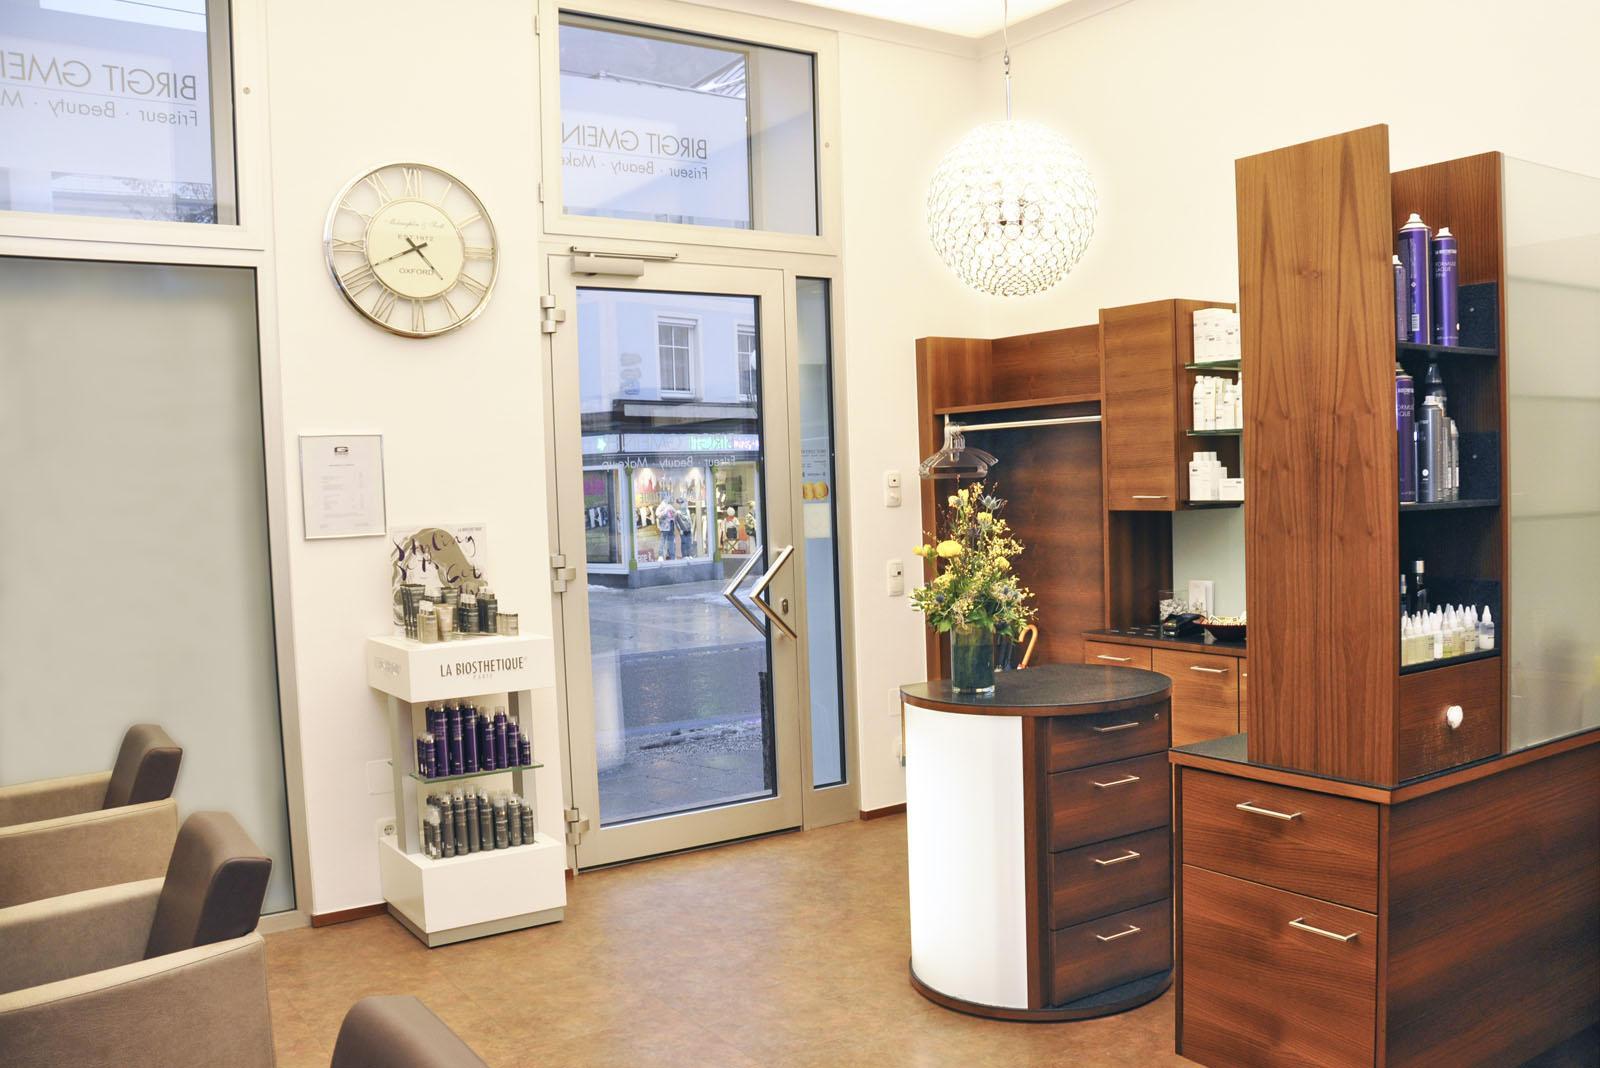 Friseur-Salon Birgit Gmeiner Eingangsbereich